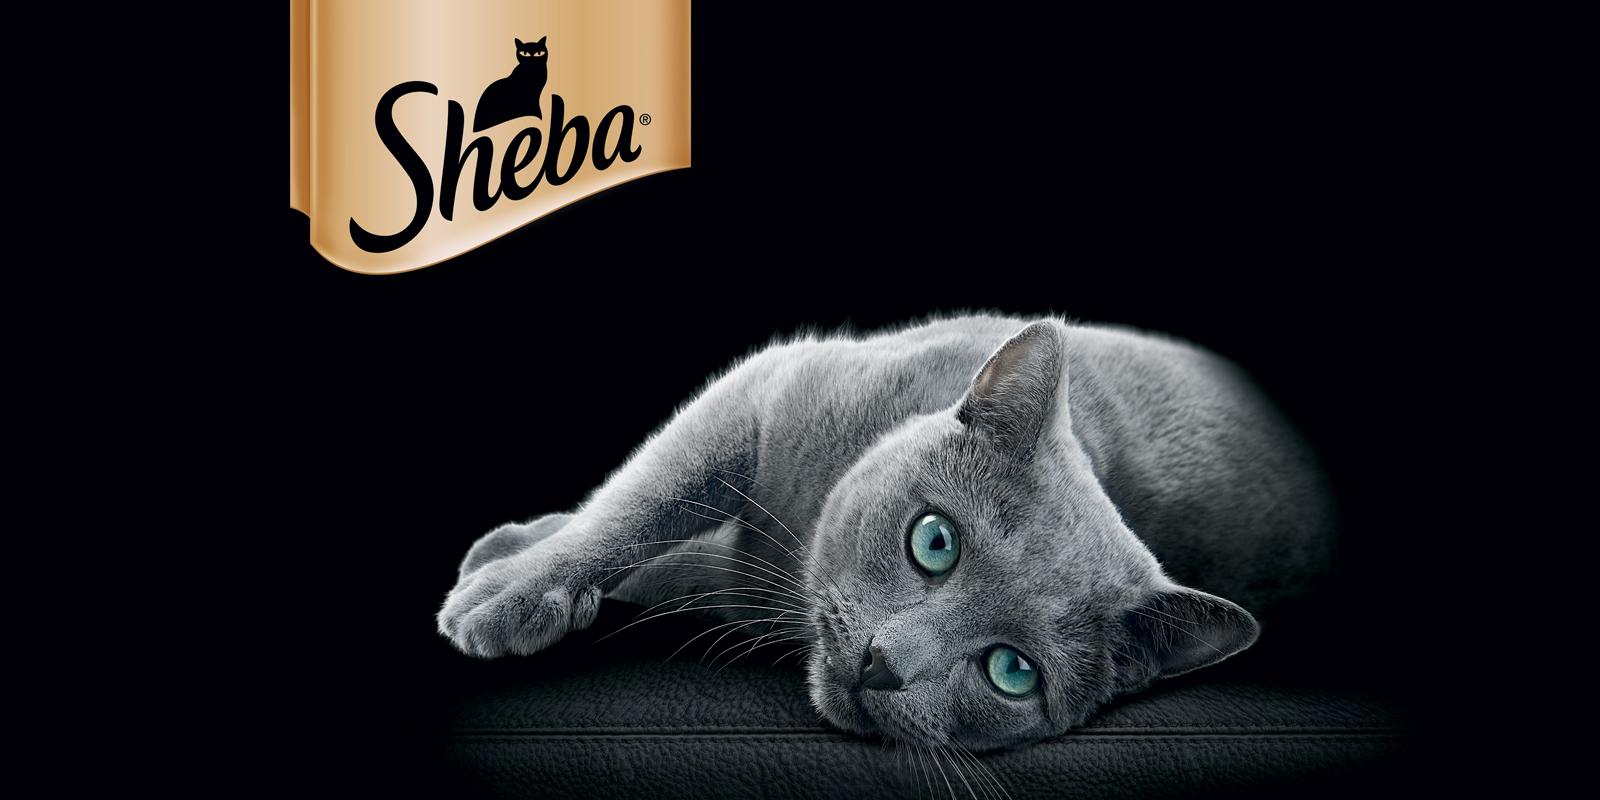 sheba-overview.jpg